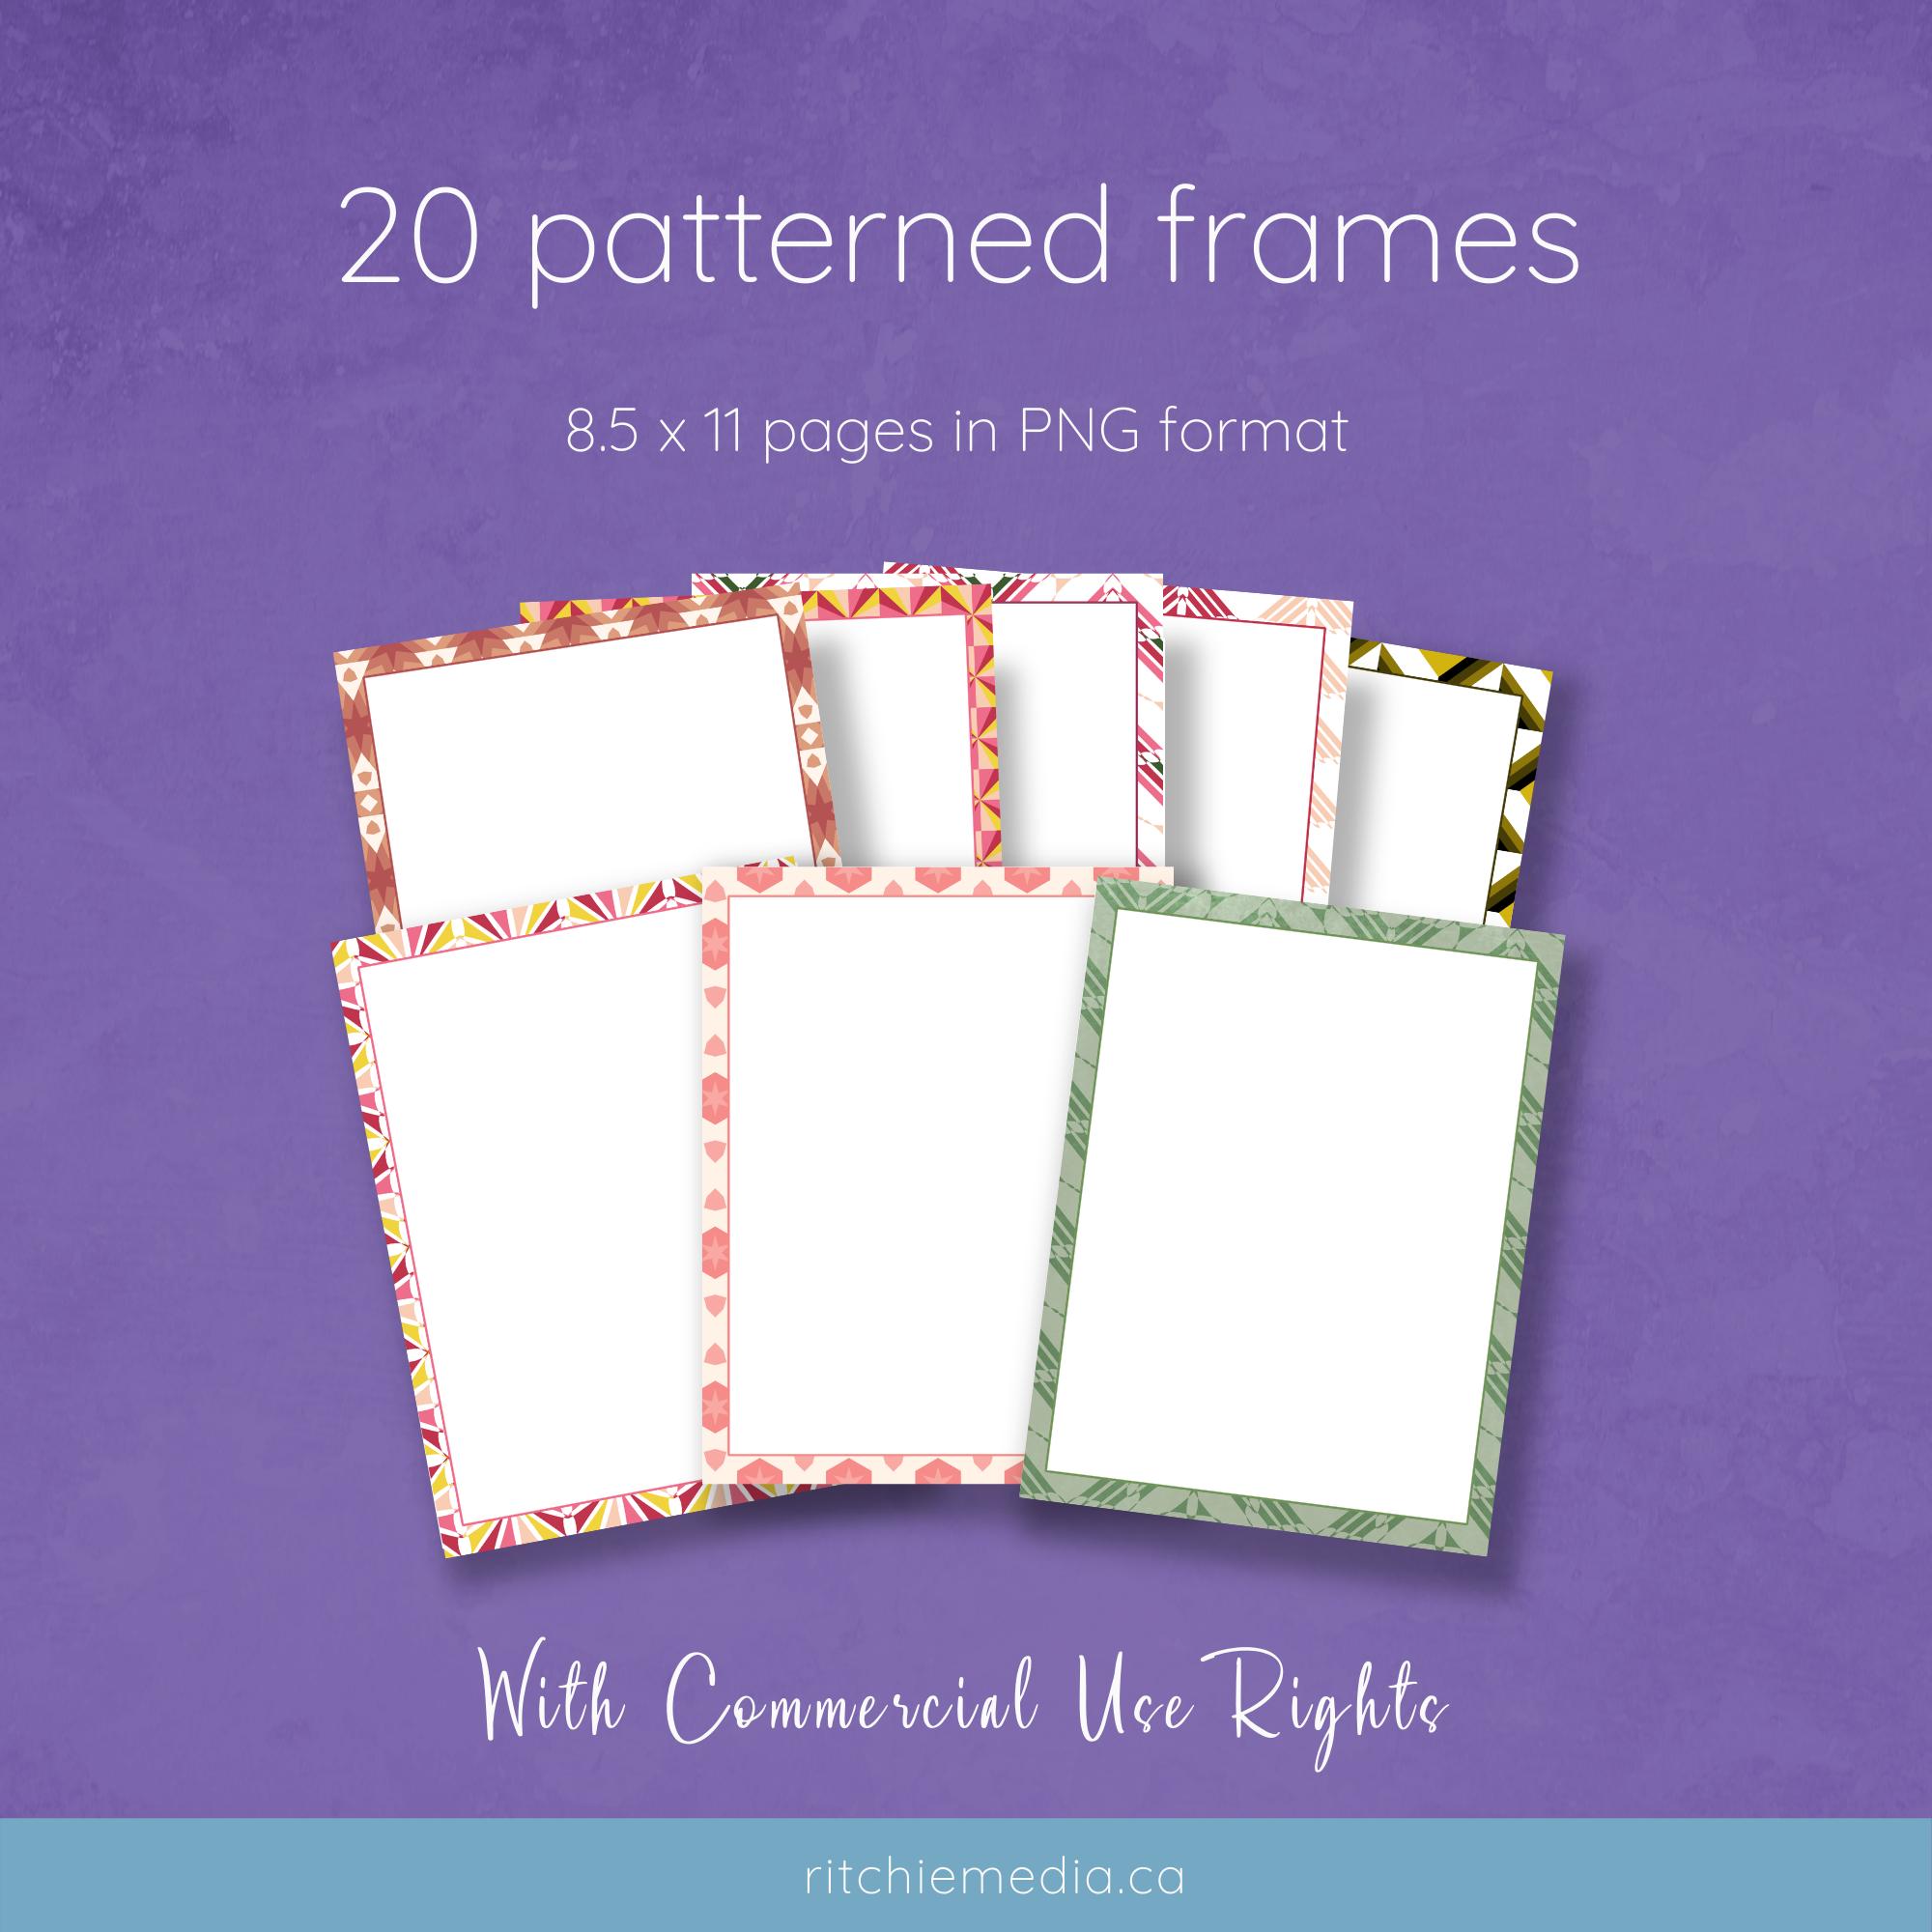 20 patterned frames mockup